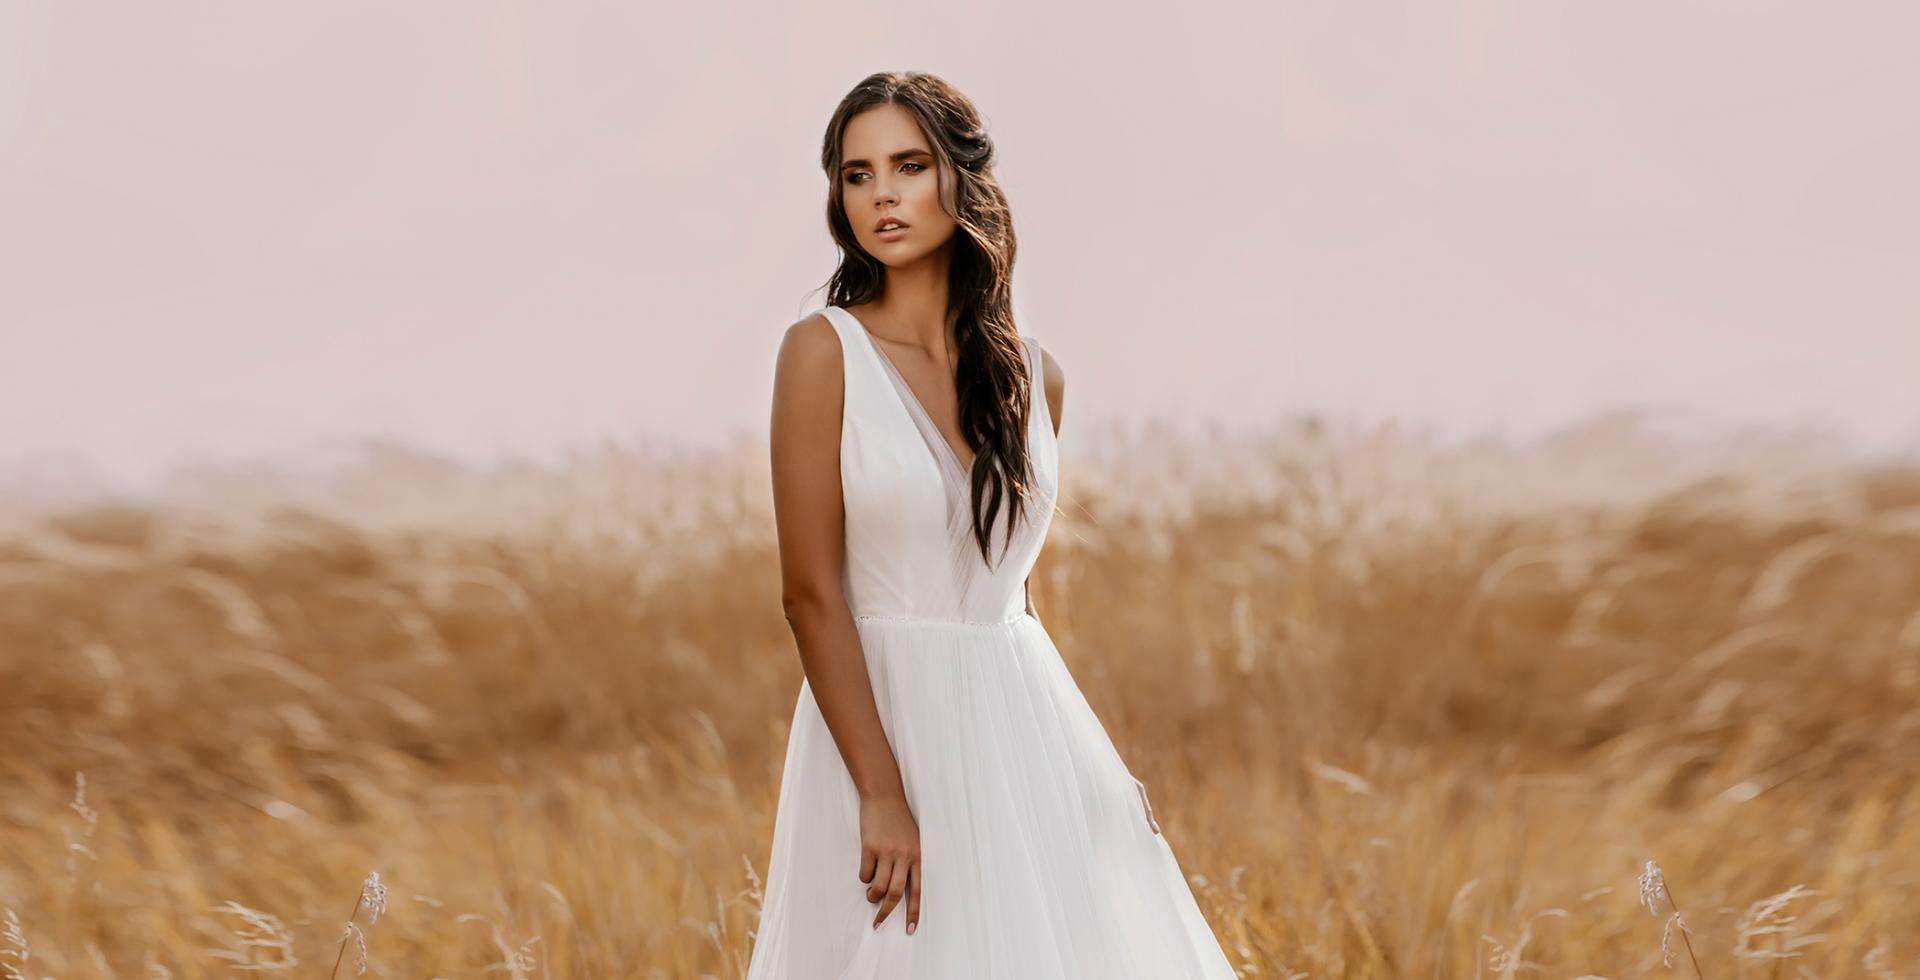 The Bride - свадебные платья которые продаются - The Bride